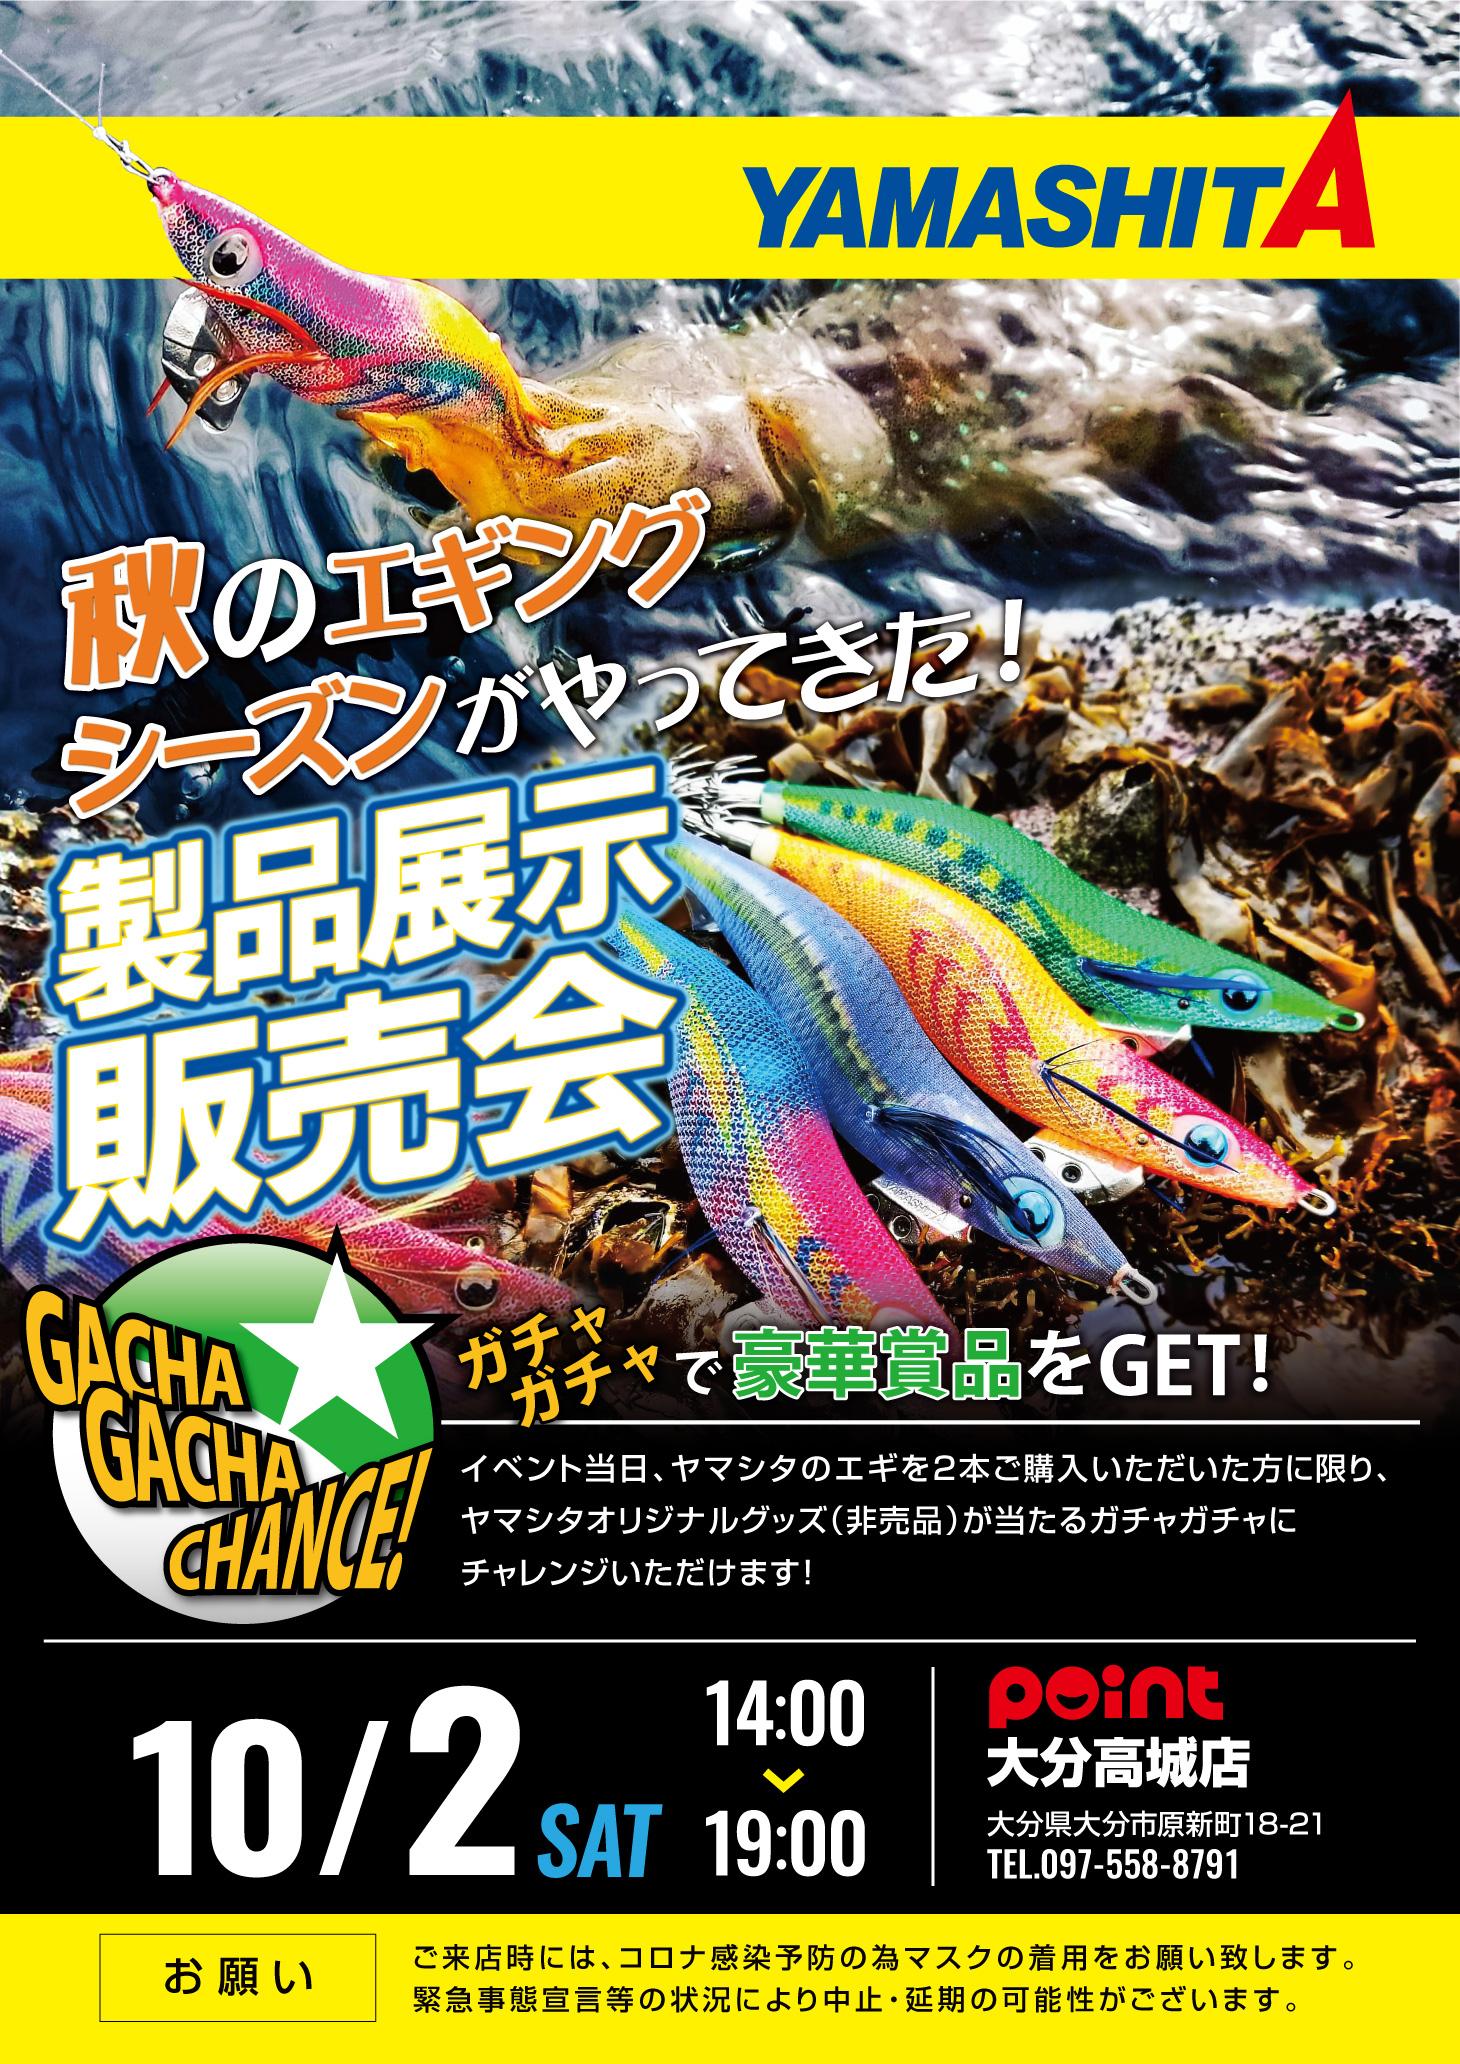 Yamashita秋の製品展示販売会 高城